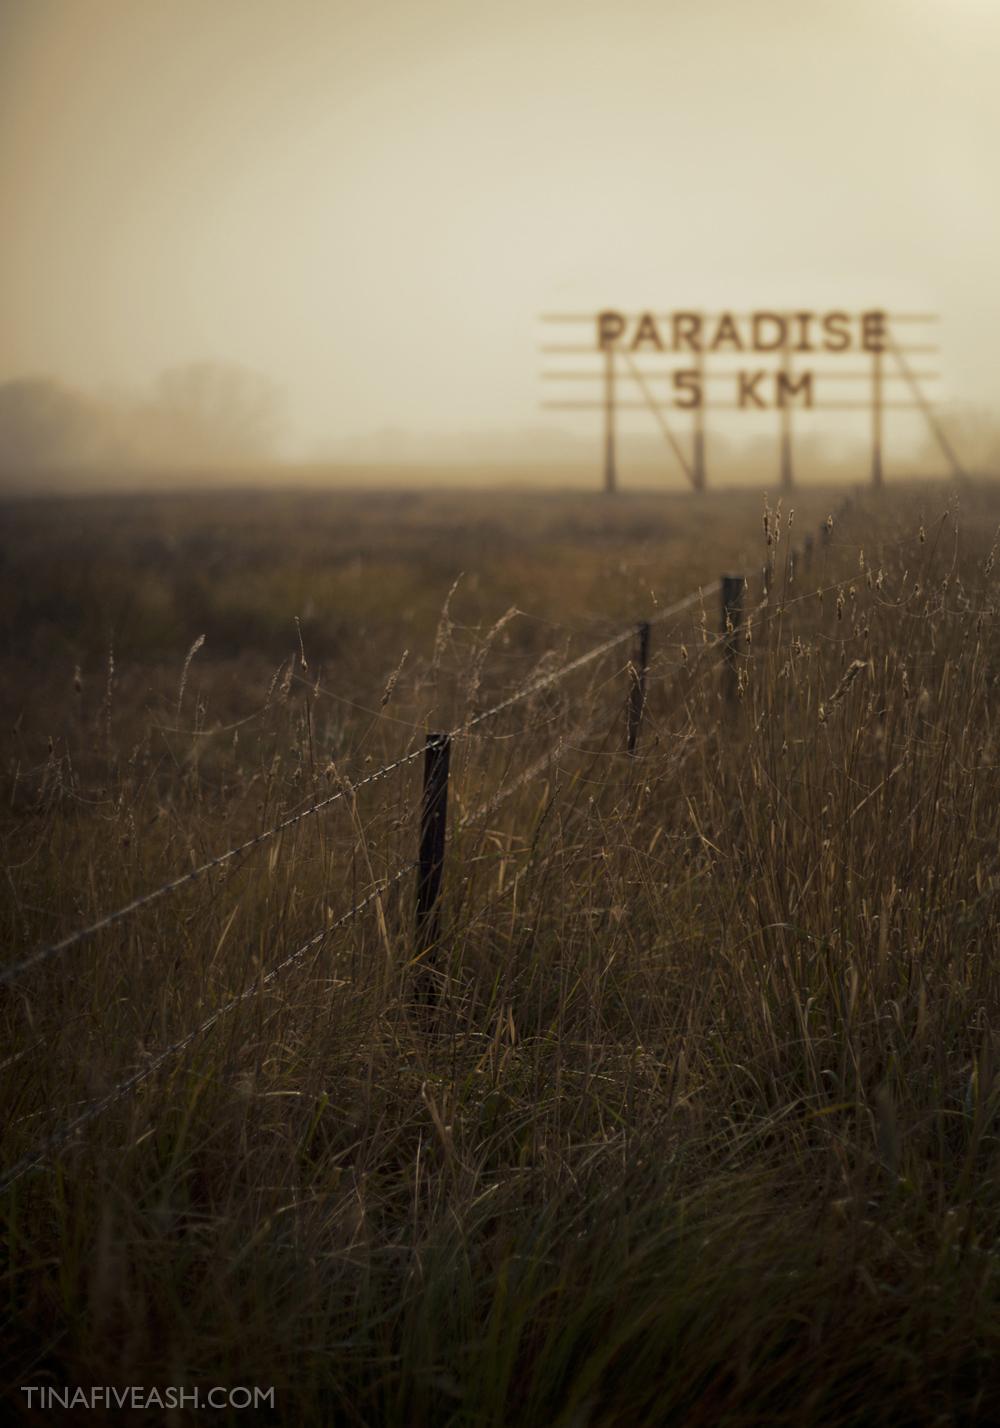 PARADISE-5KM-TINA-FIVEASH.jpg